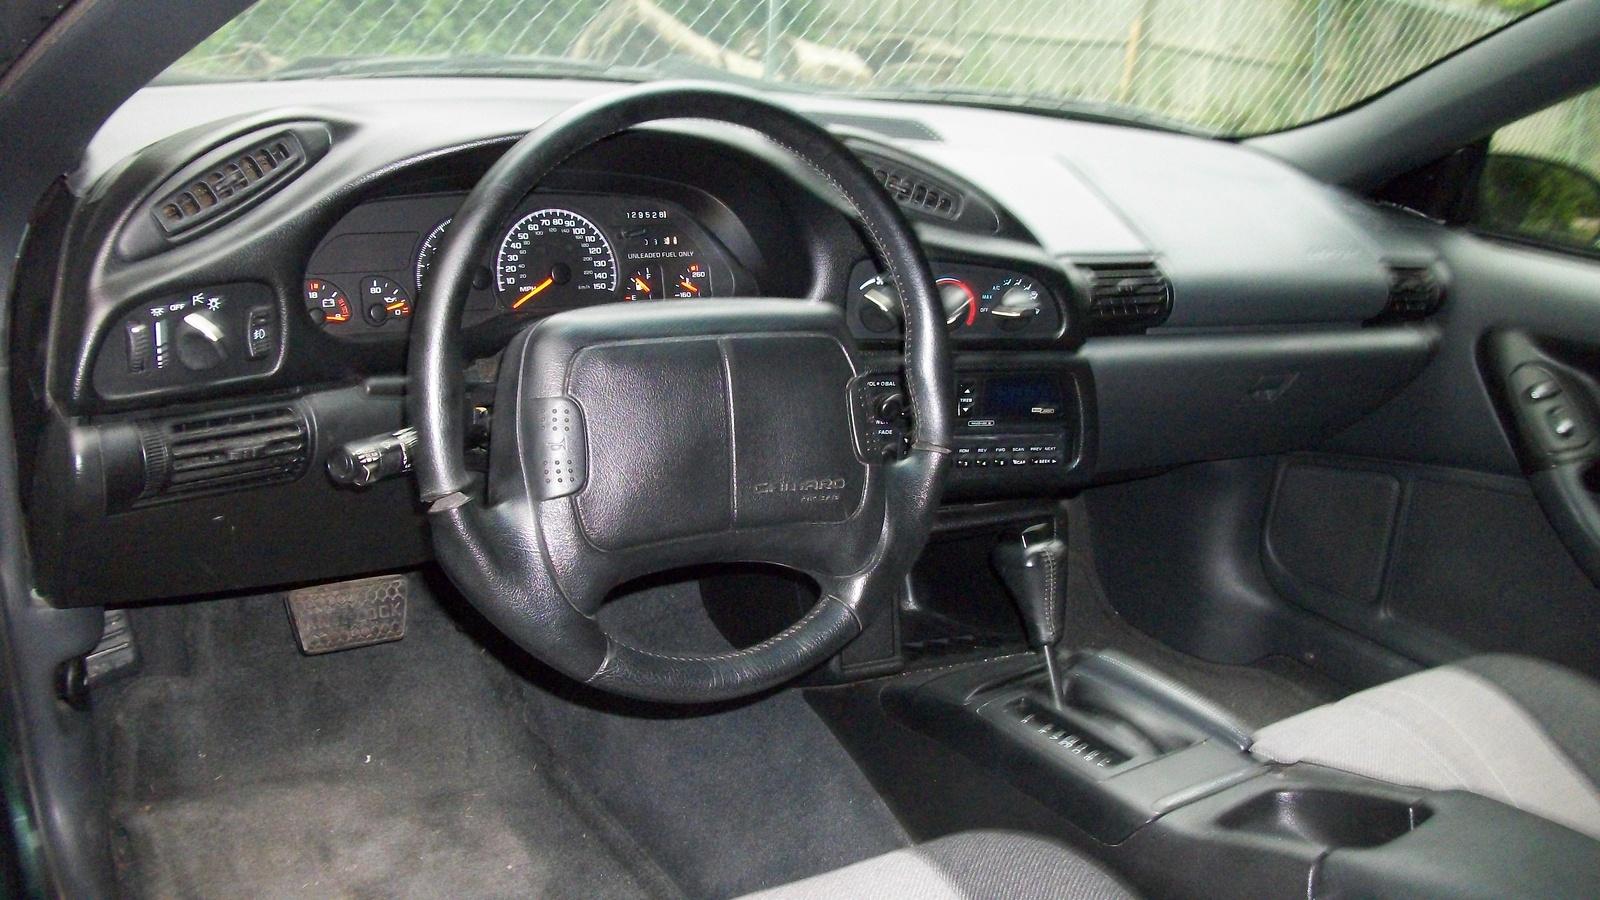 1995 Chevrolet Camaro - Interior Pictures